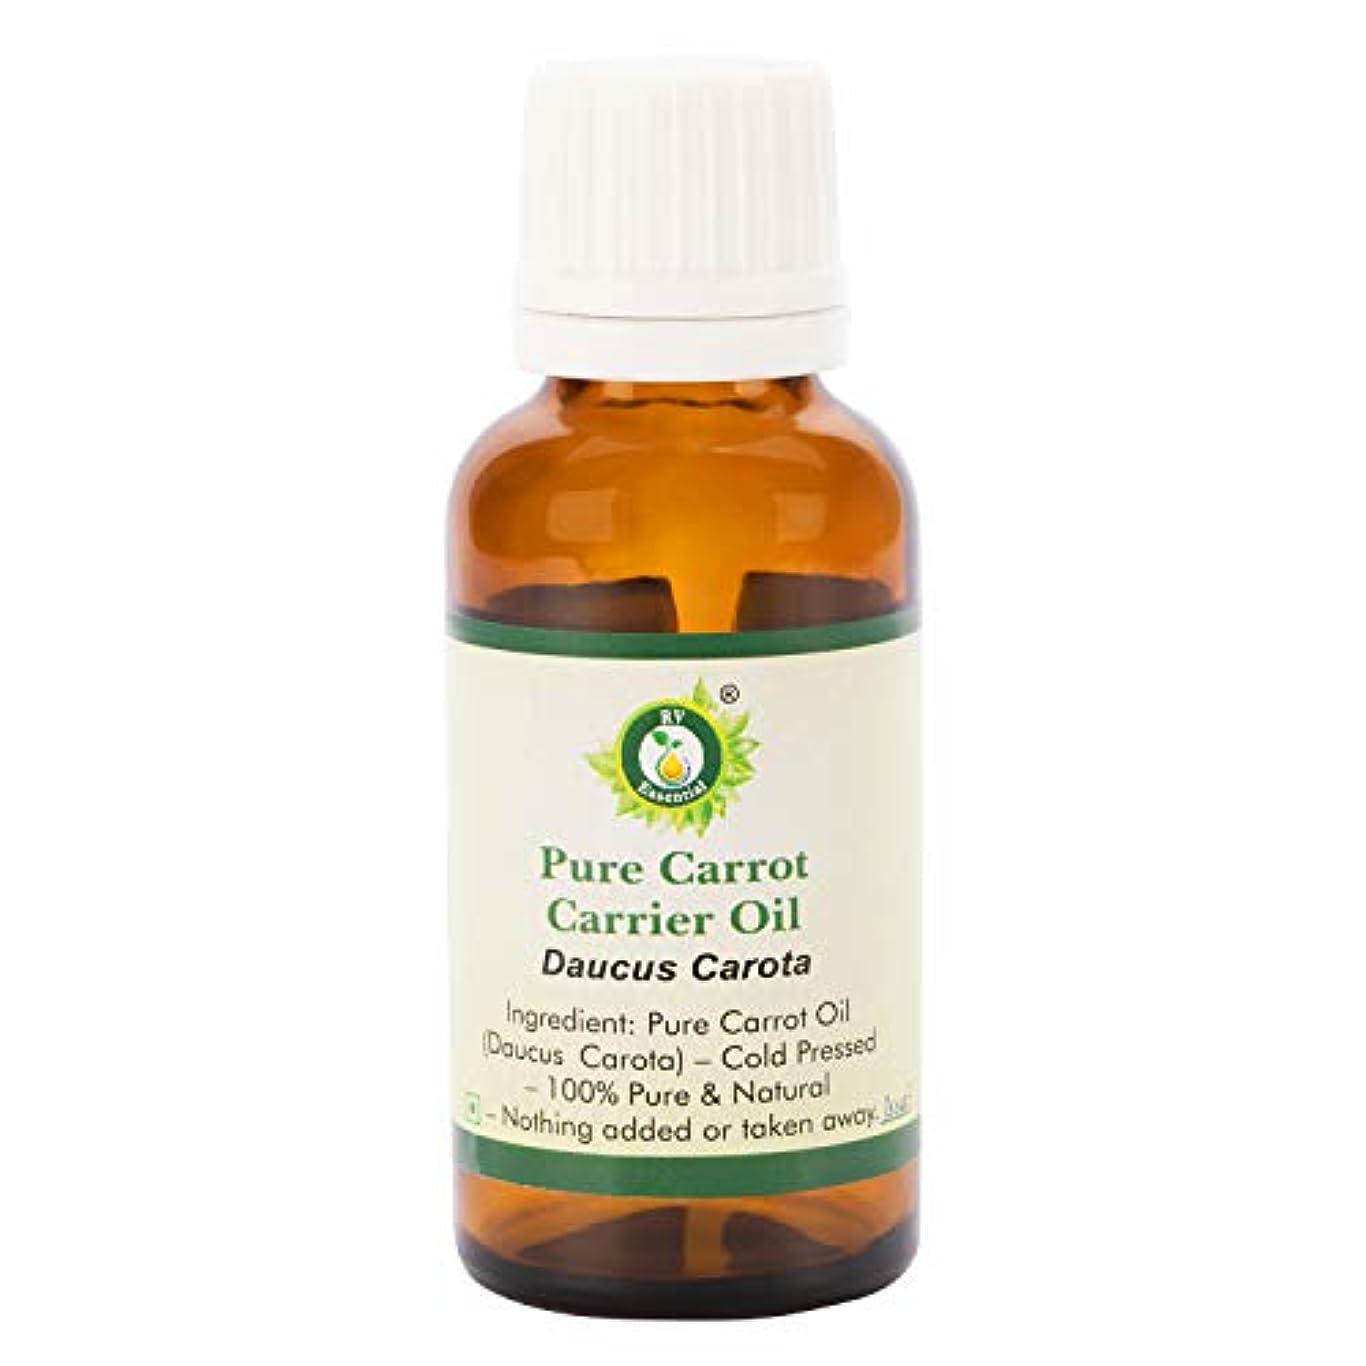 成熟した抑圧海外ピュアキャロットキャリアオイル100ml (3.38oz)- Daucus Carota (100%ピュア&ナチュラルコールドPressed) Pure Carrot Carrier Oil